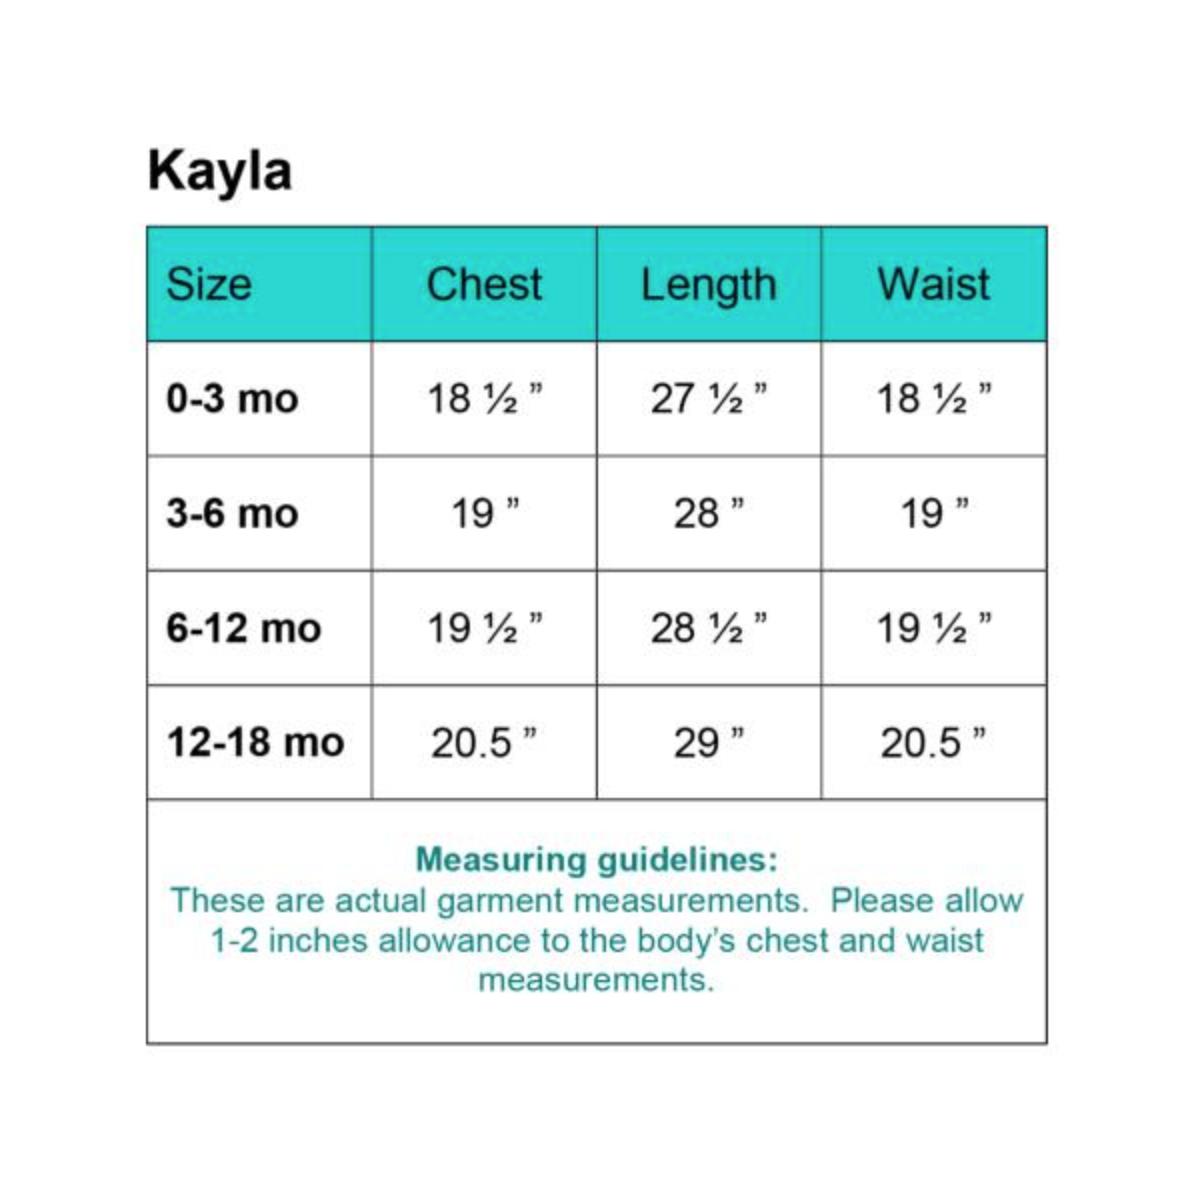 sizing-chart-kayla.png